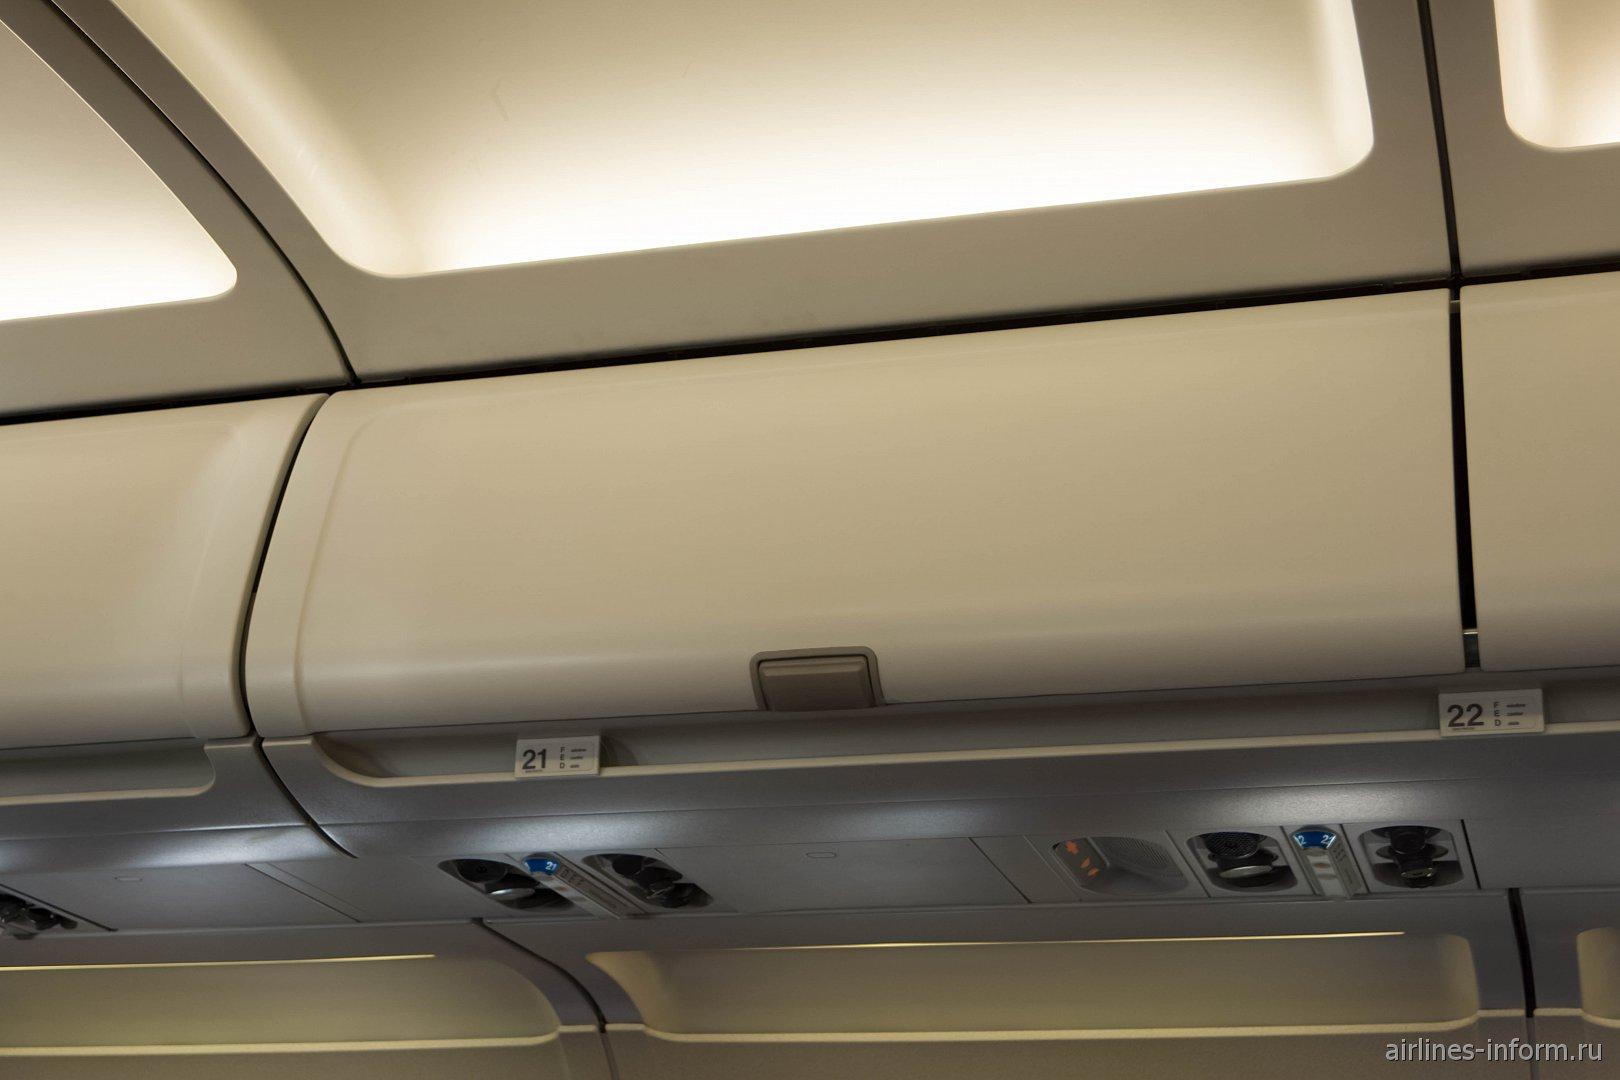 Багажные полки самолета А320 производства до 2004 года